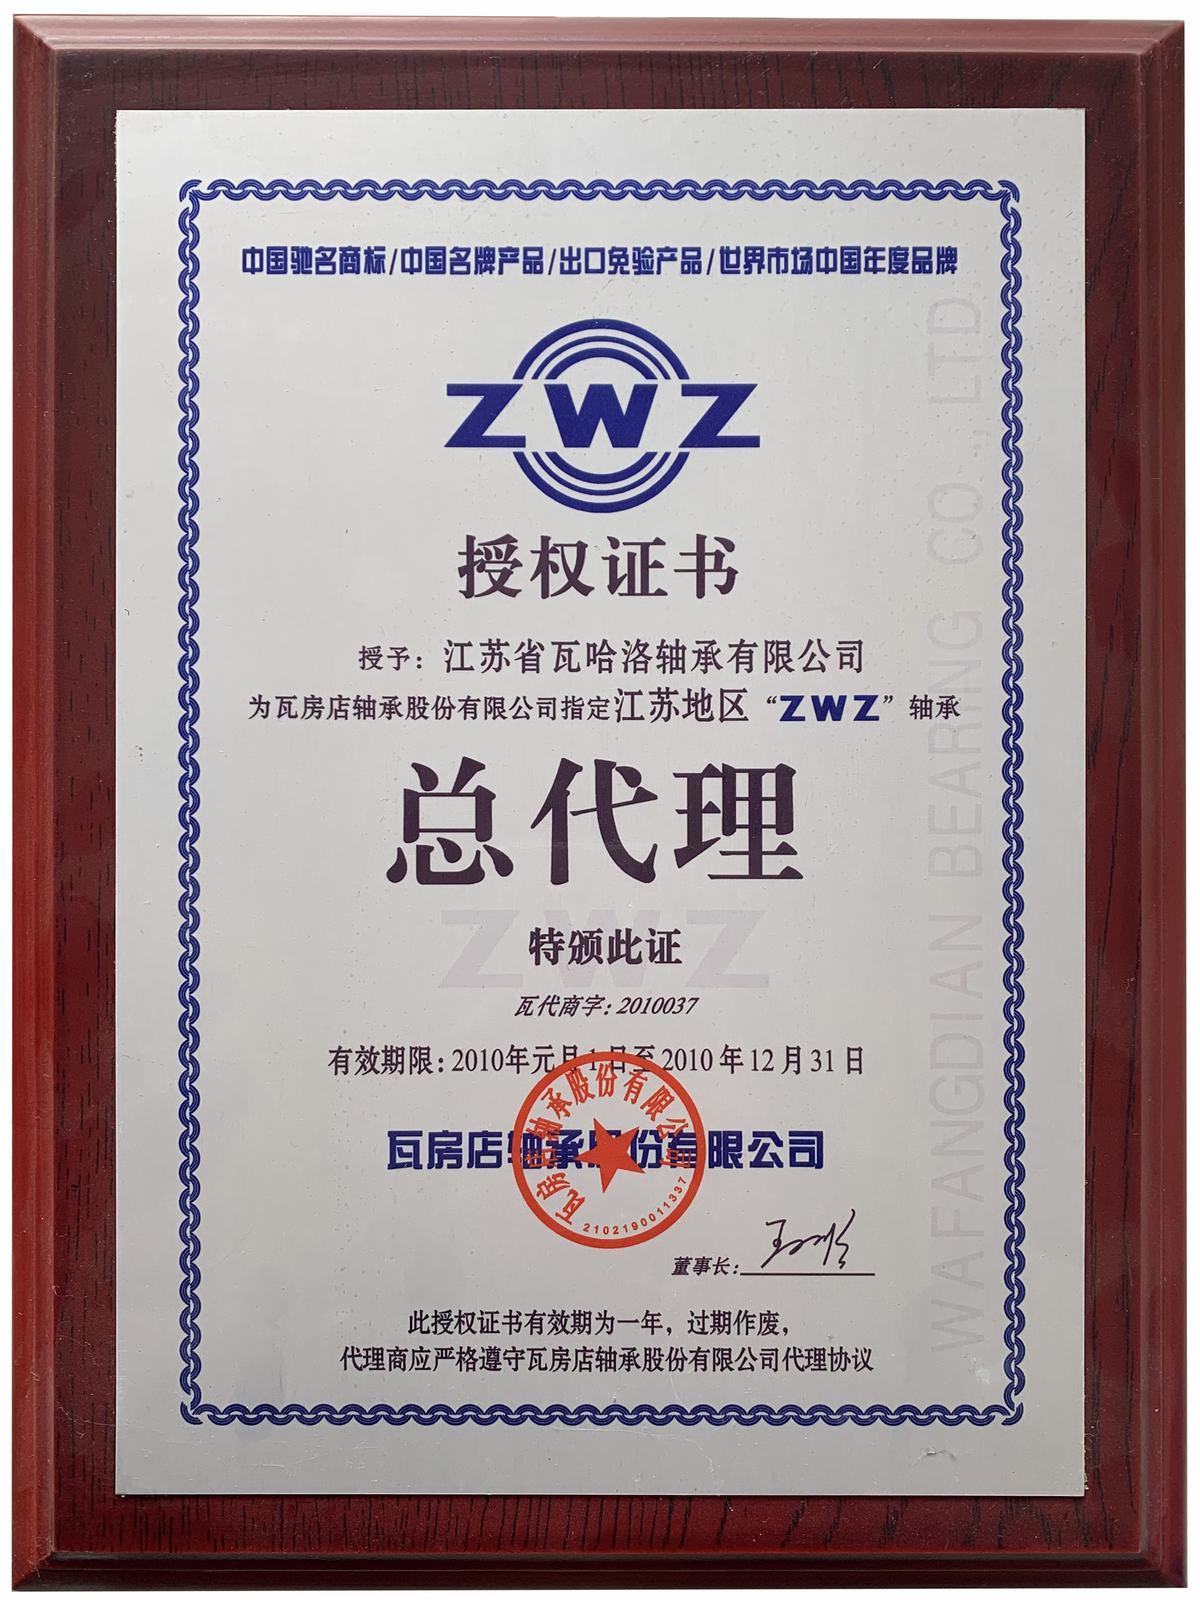 江苏江瓦ZWZ瓦轴瓦房店轴承授权经销商无锡轴承公司